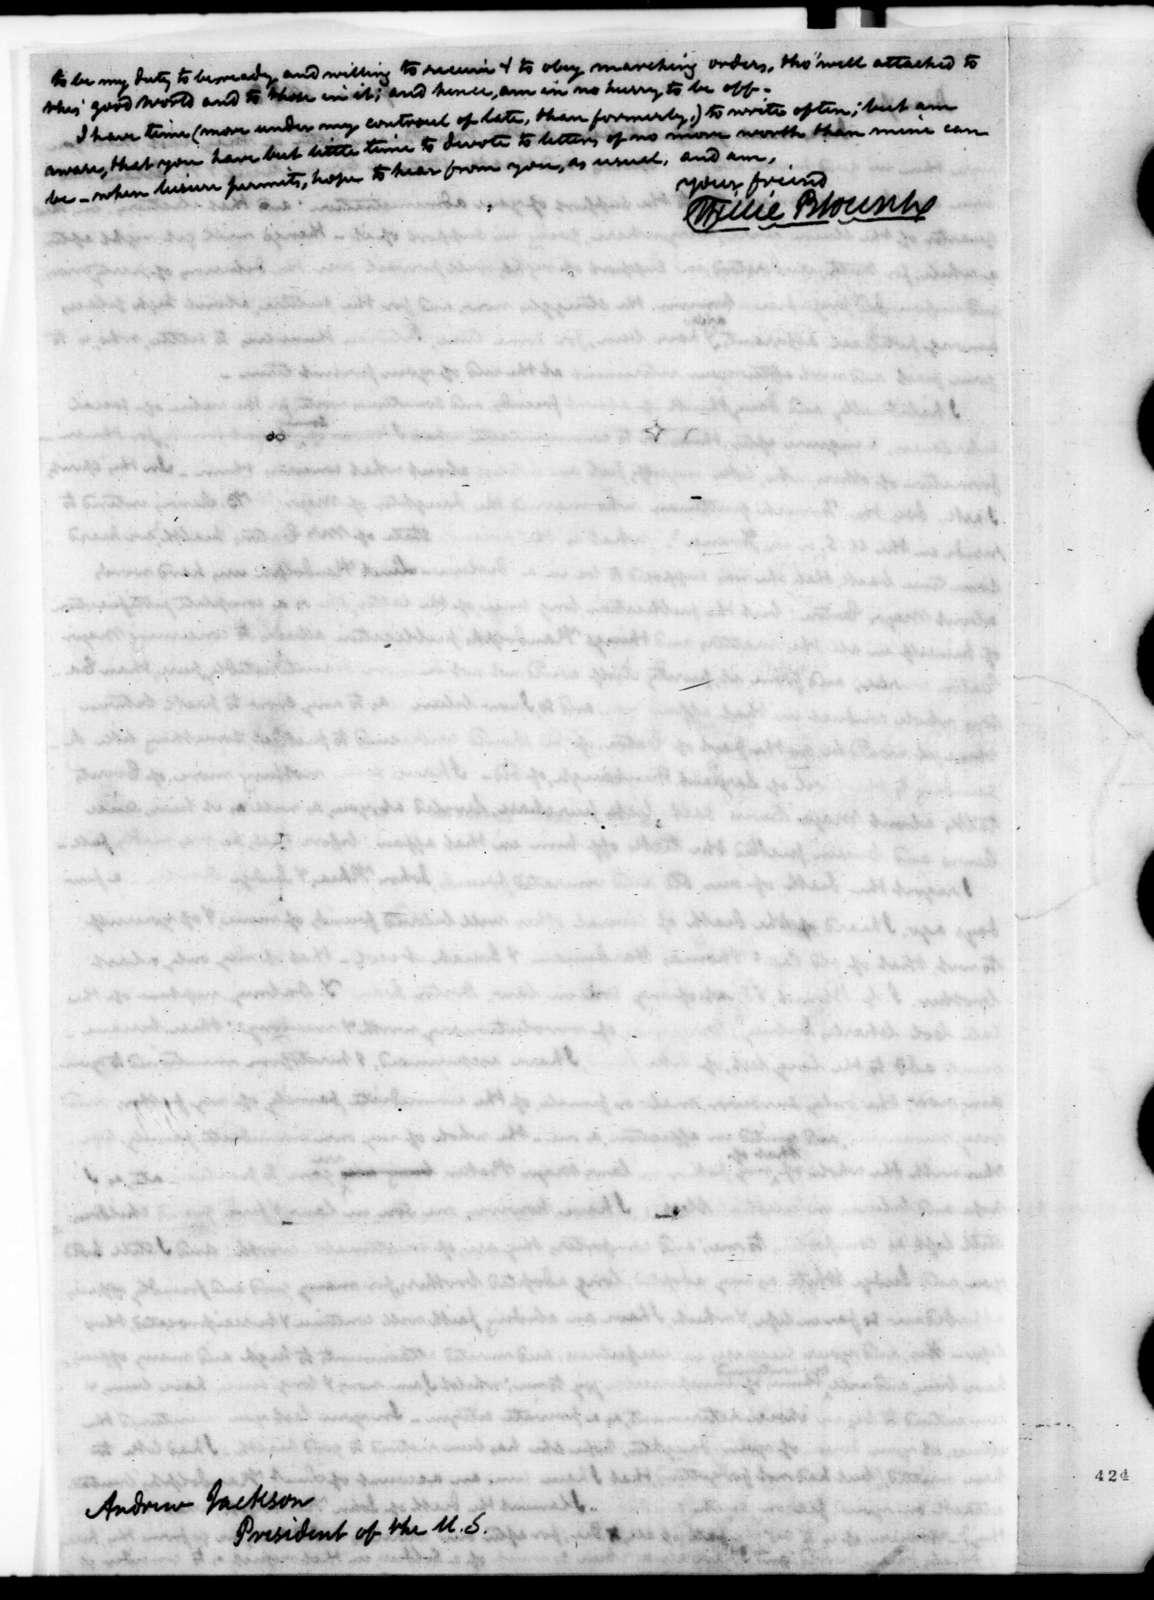 Willie Blount to Andrew Jackson